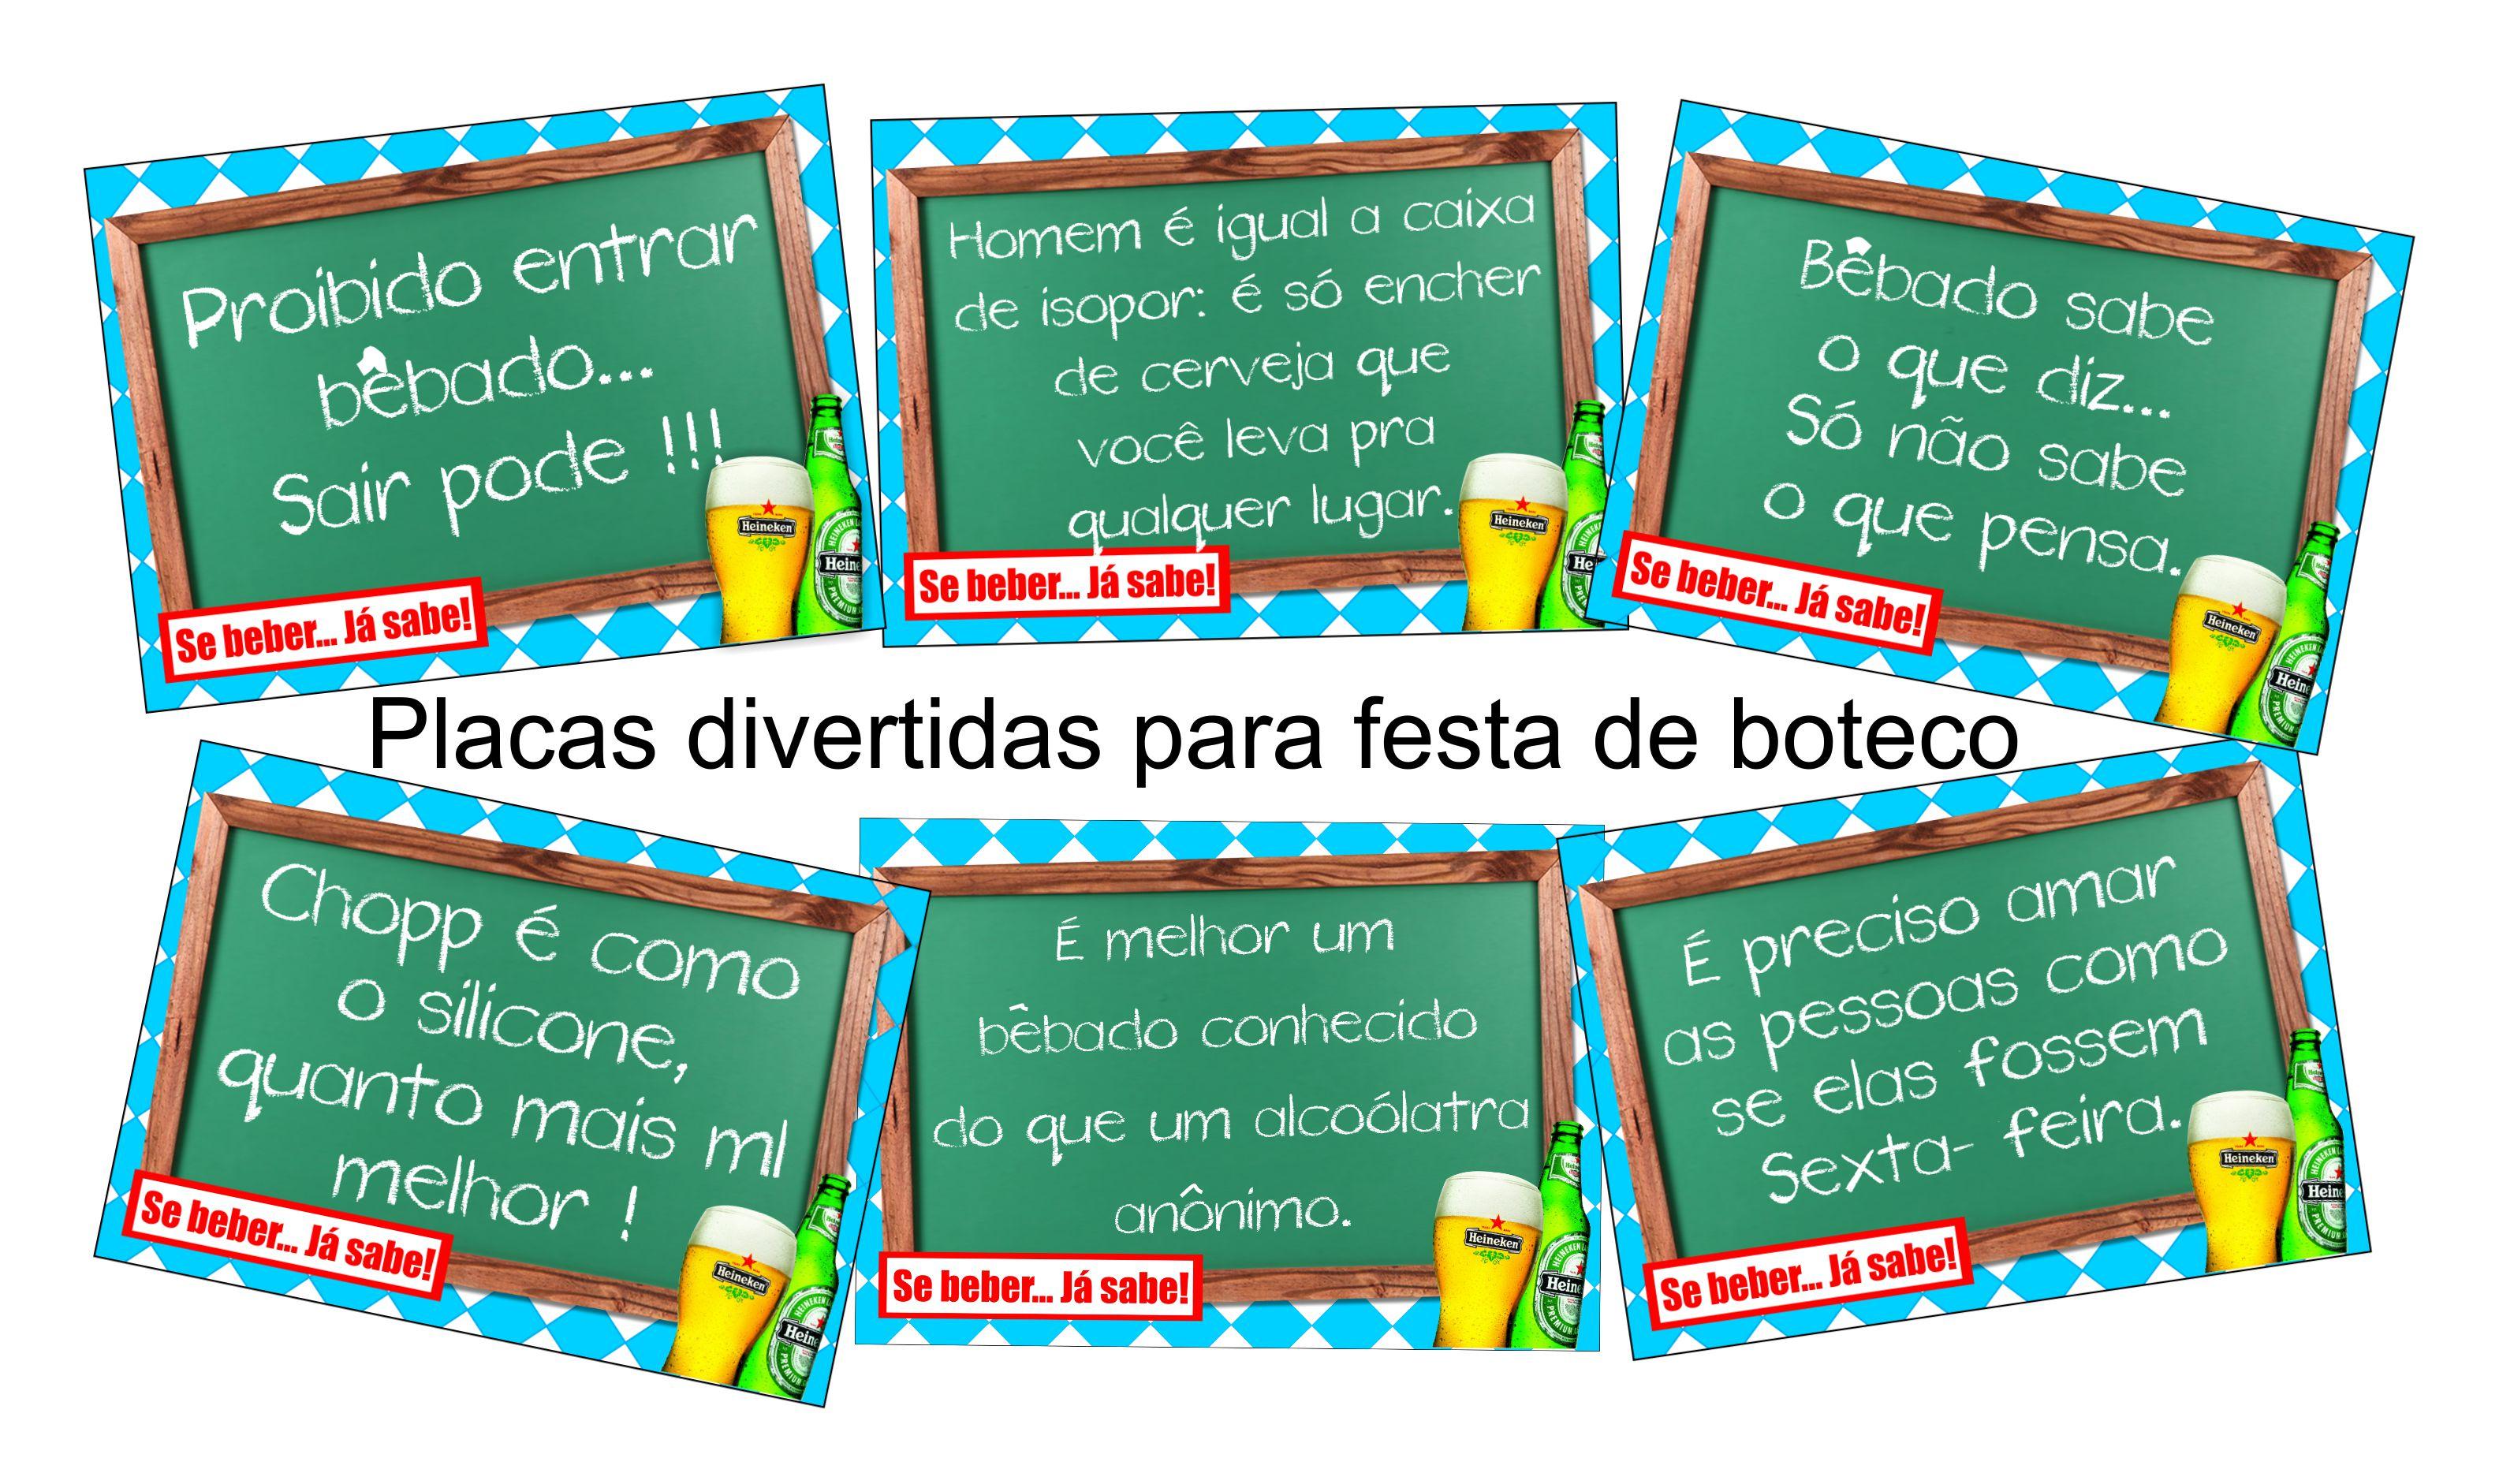 Placas Divertidas para Festa Boteco Az Papelarte Personalizados  #08A1C3 3188 1882